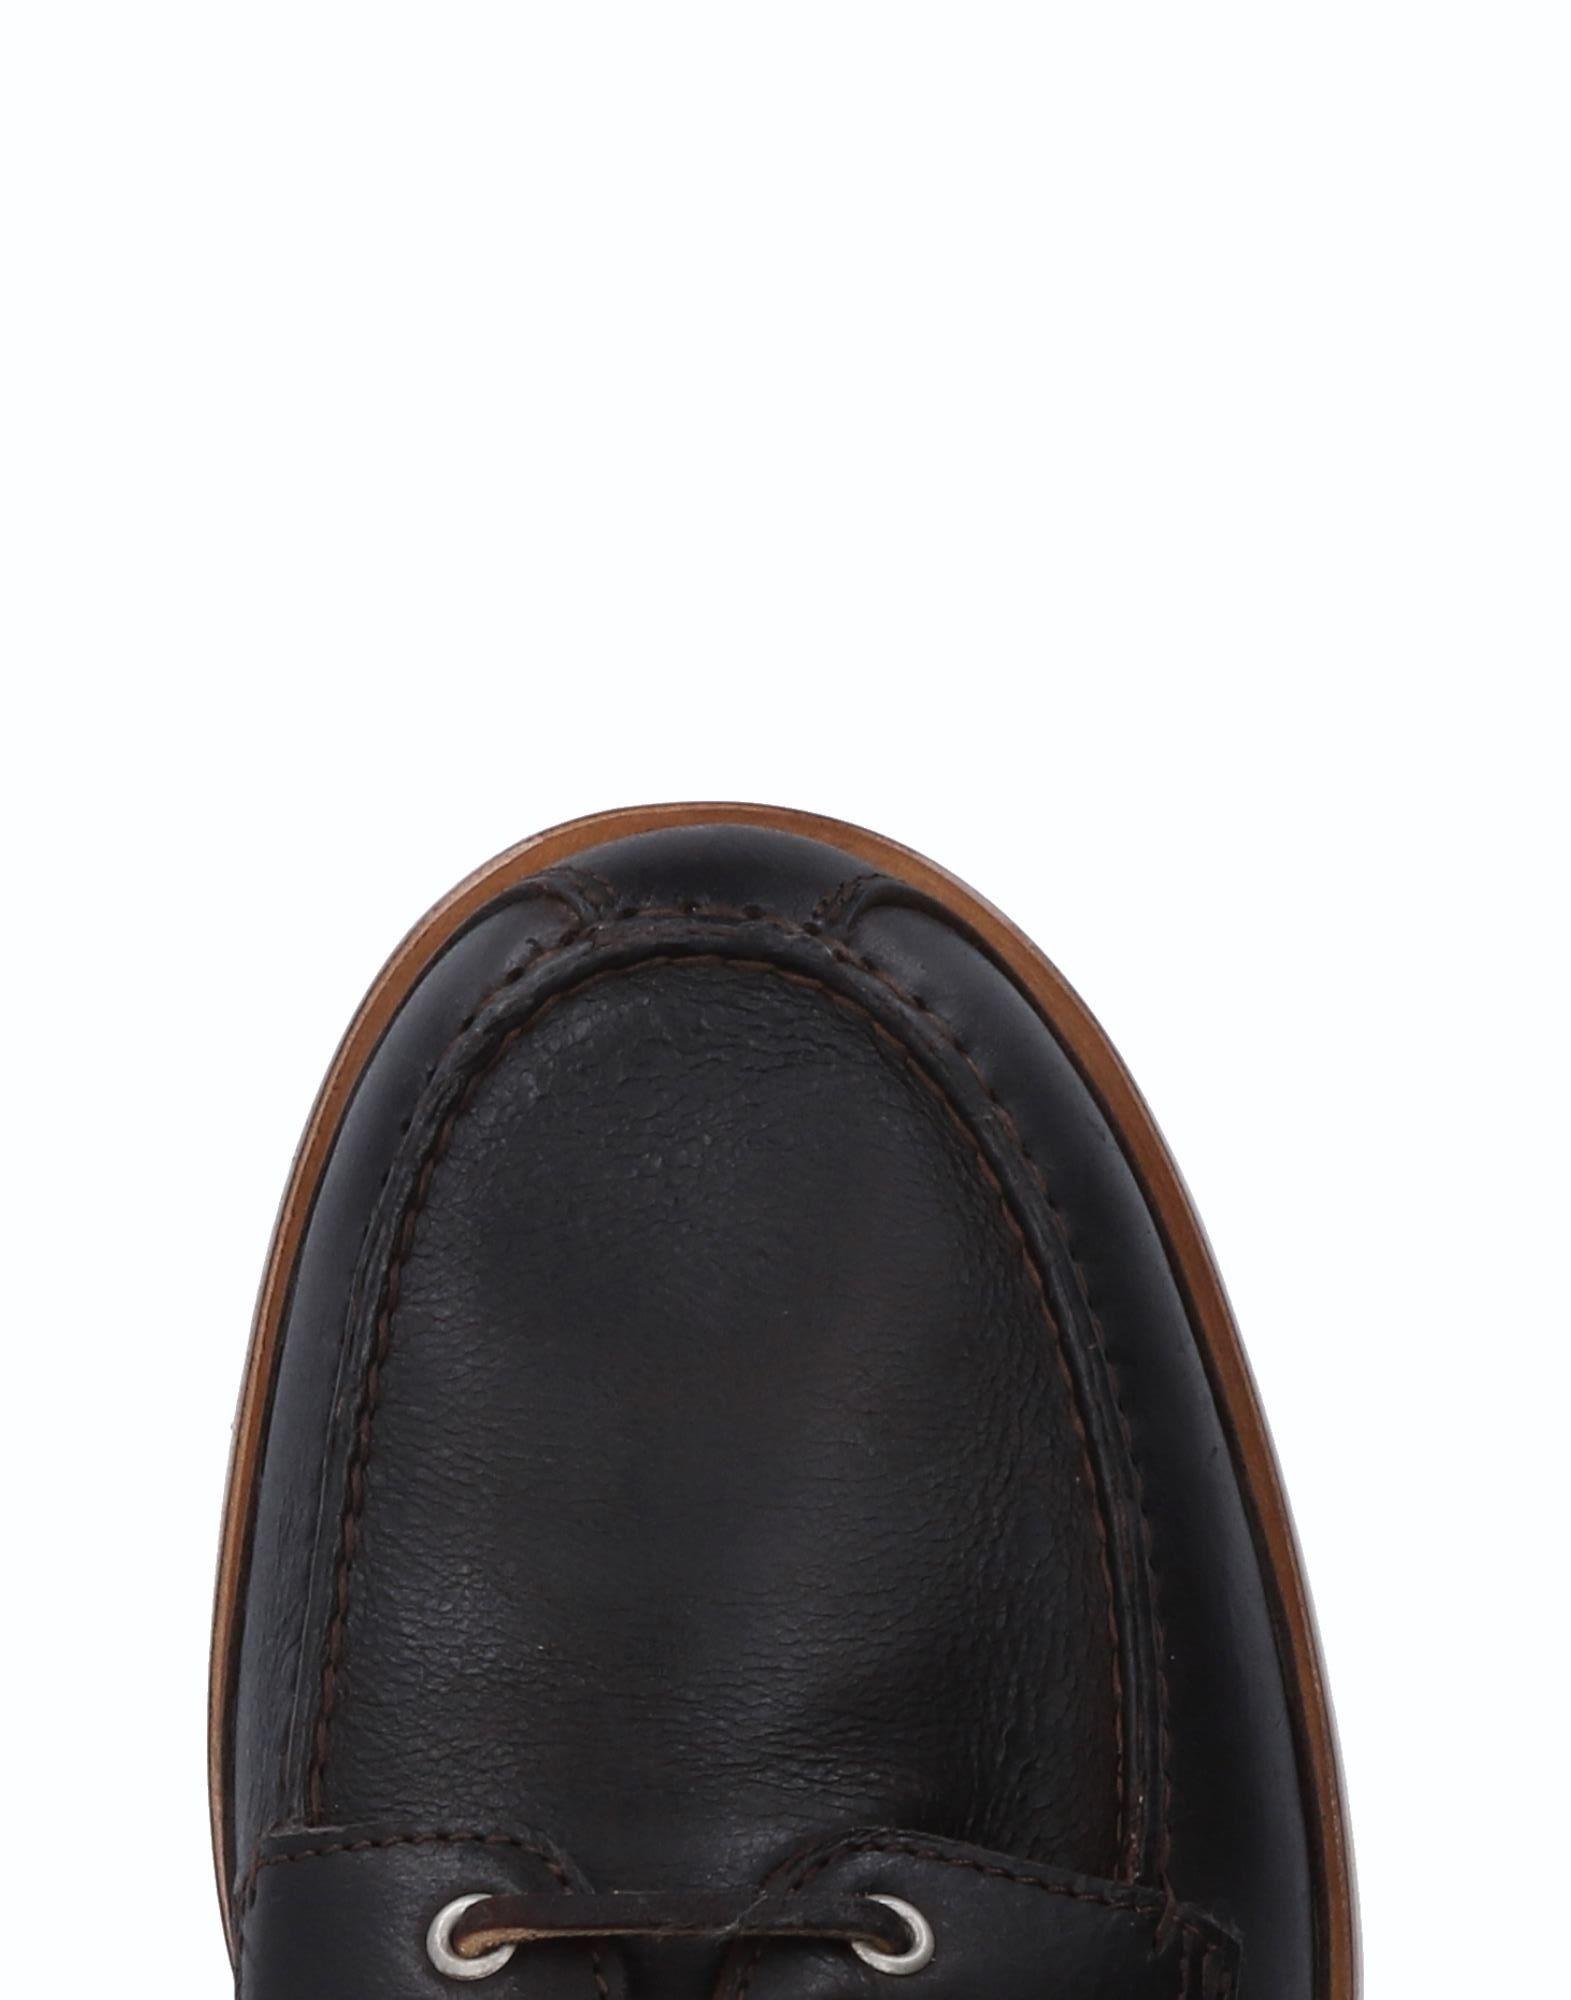 N.D.C. Made By Hand Schnürschuhe Herren  11514118XQ Gute Qualität beliebte Schuhe